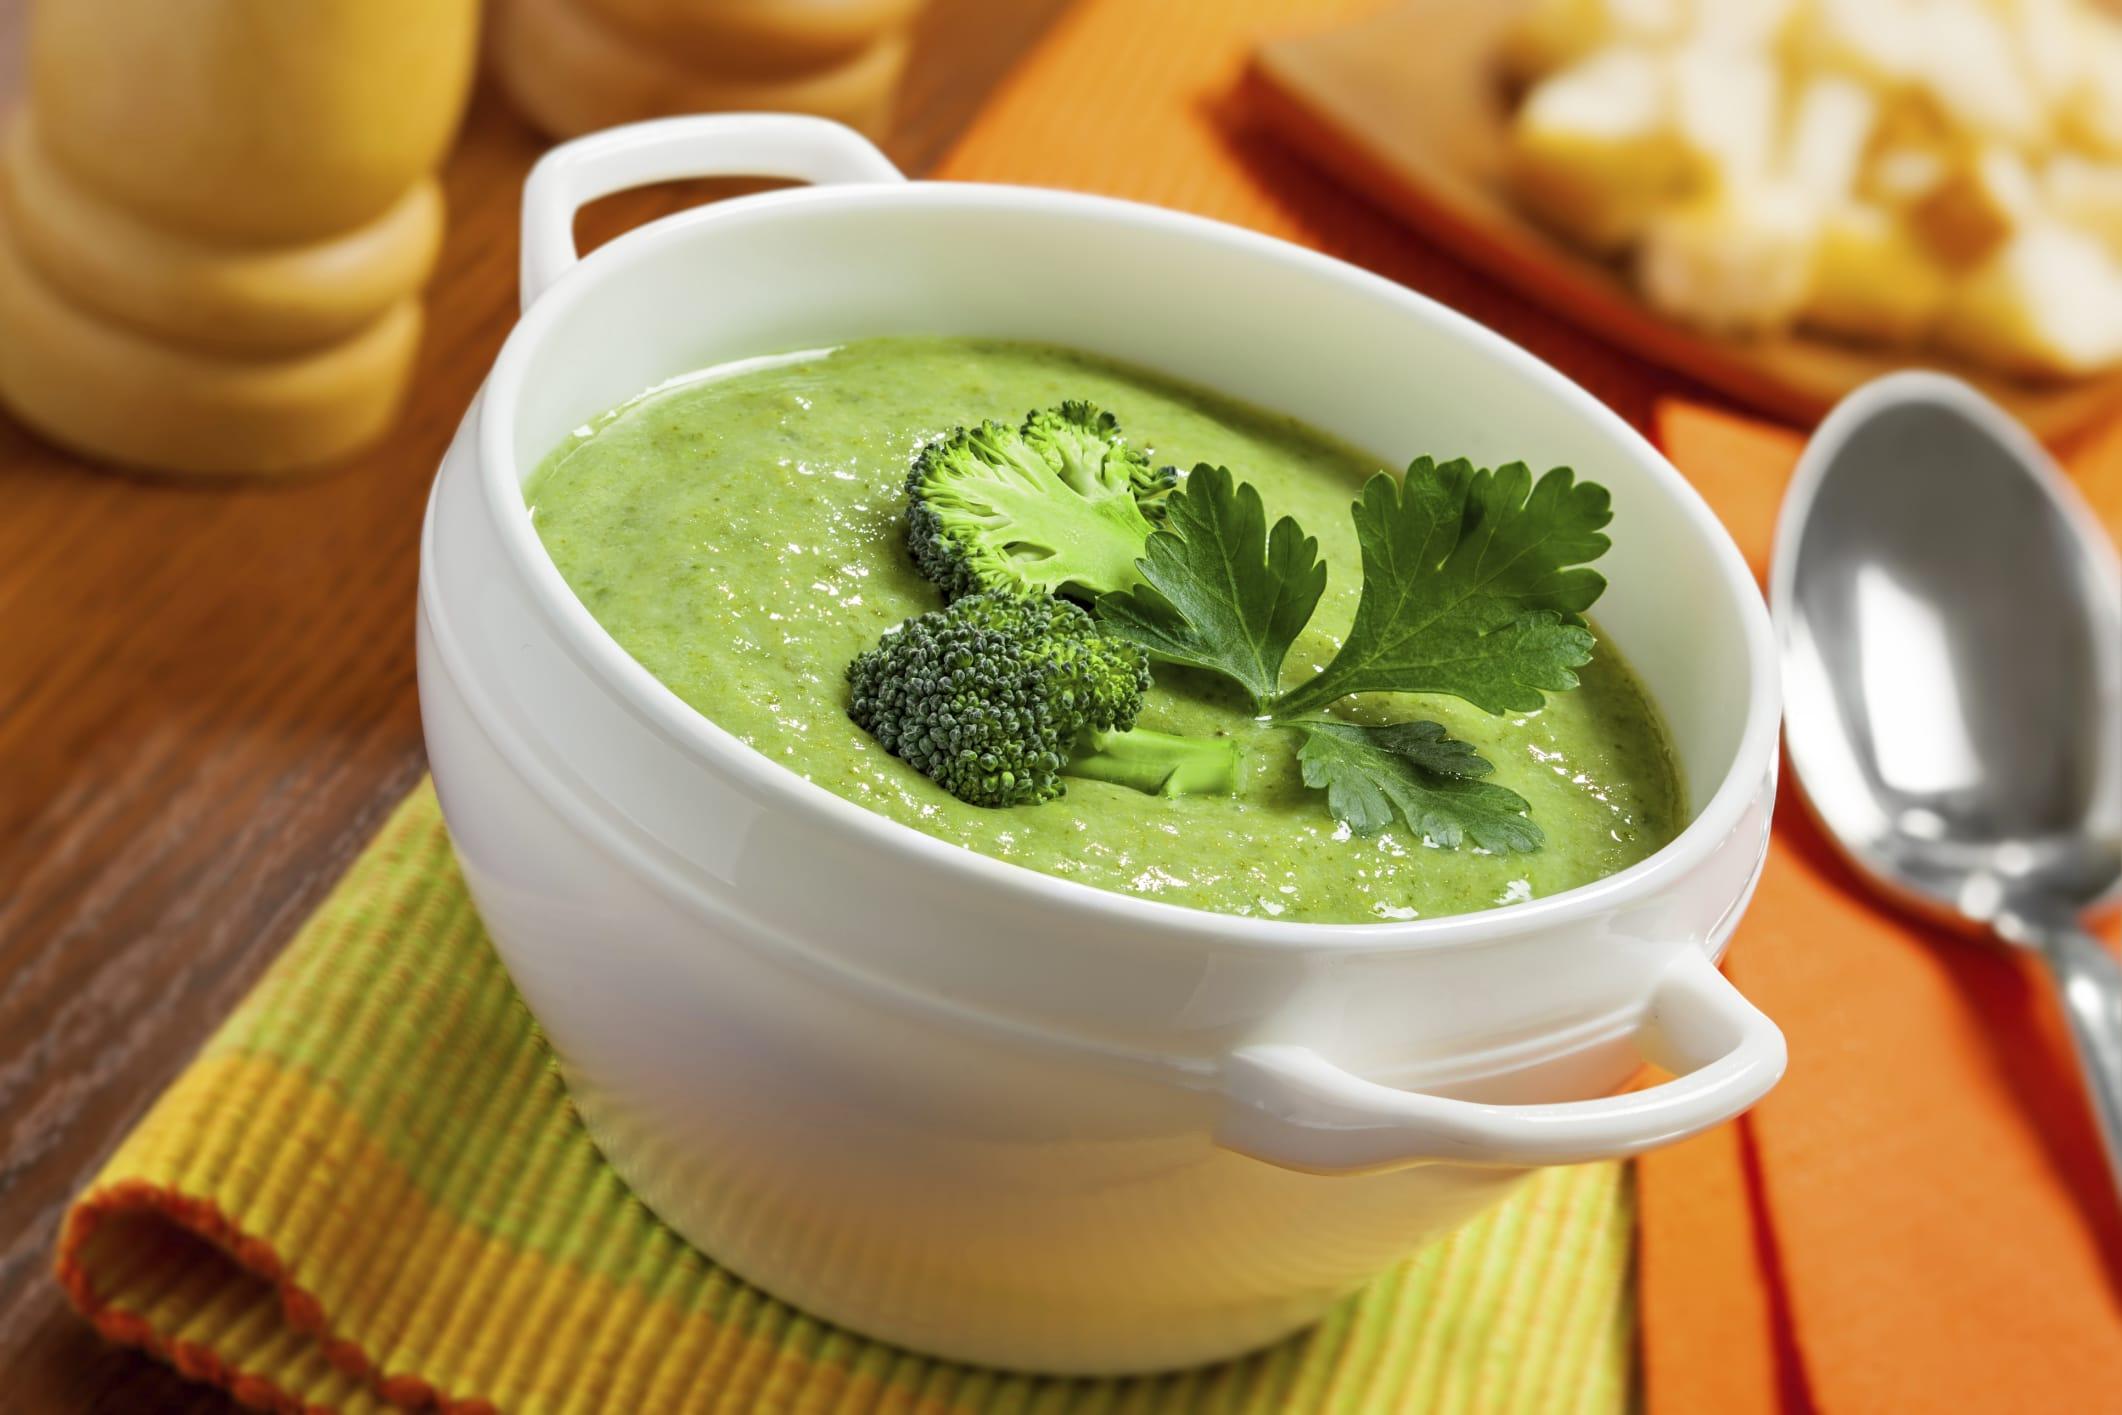 il vegan in cucina: il libro con oltre 300 ricette vegane - non ... - Libri Cucina Vegetariana